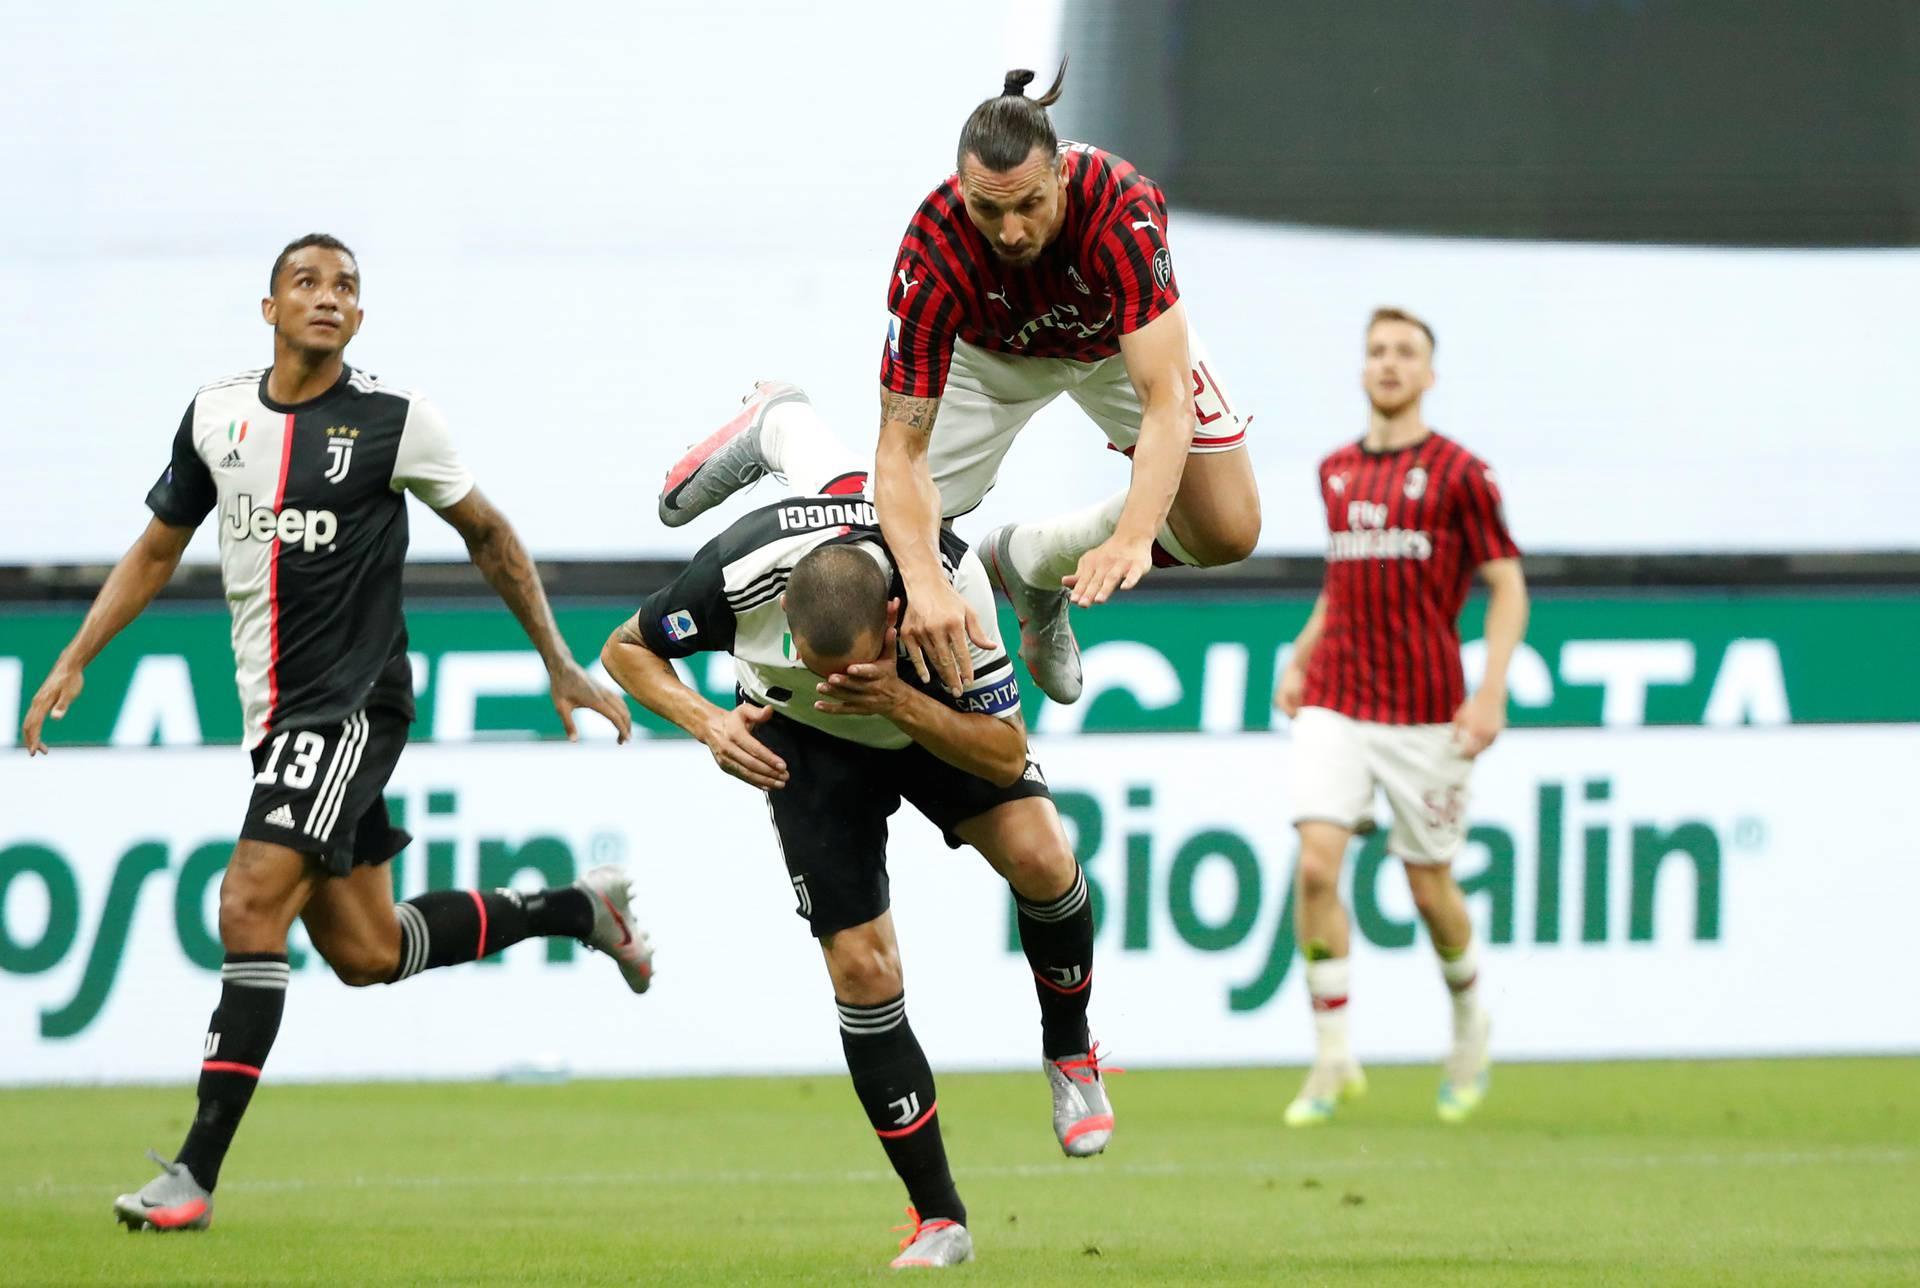 Serie A - AC Milan v Juventus